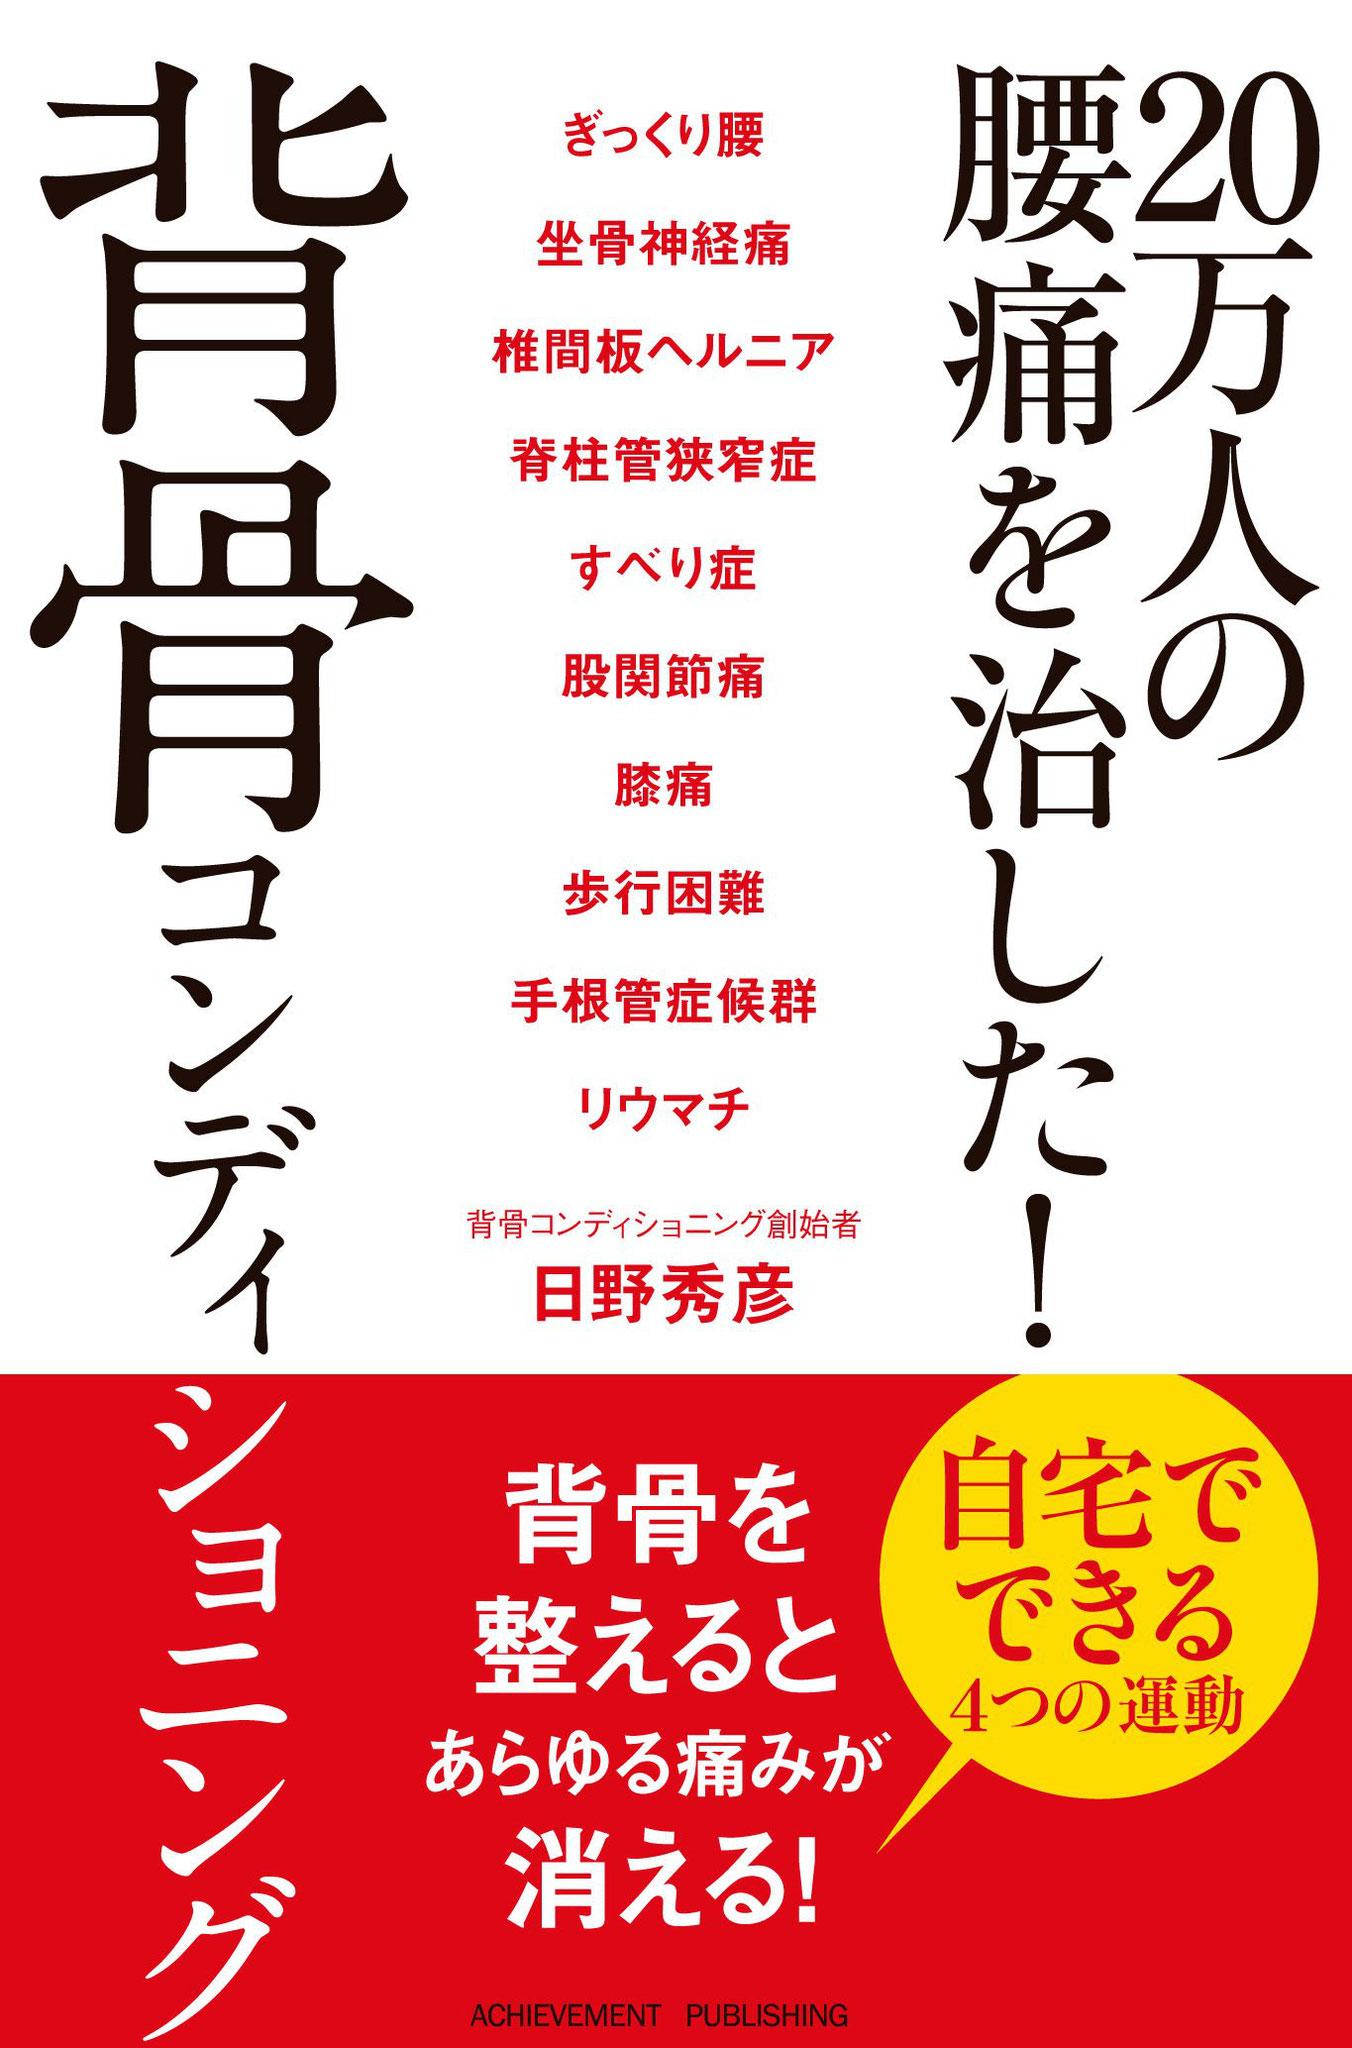 背骨コンディショニング初の書籍。13万部のベストセラー。